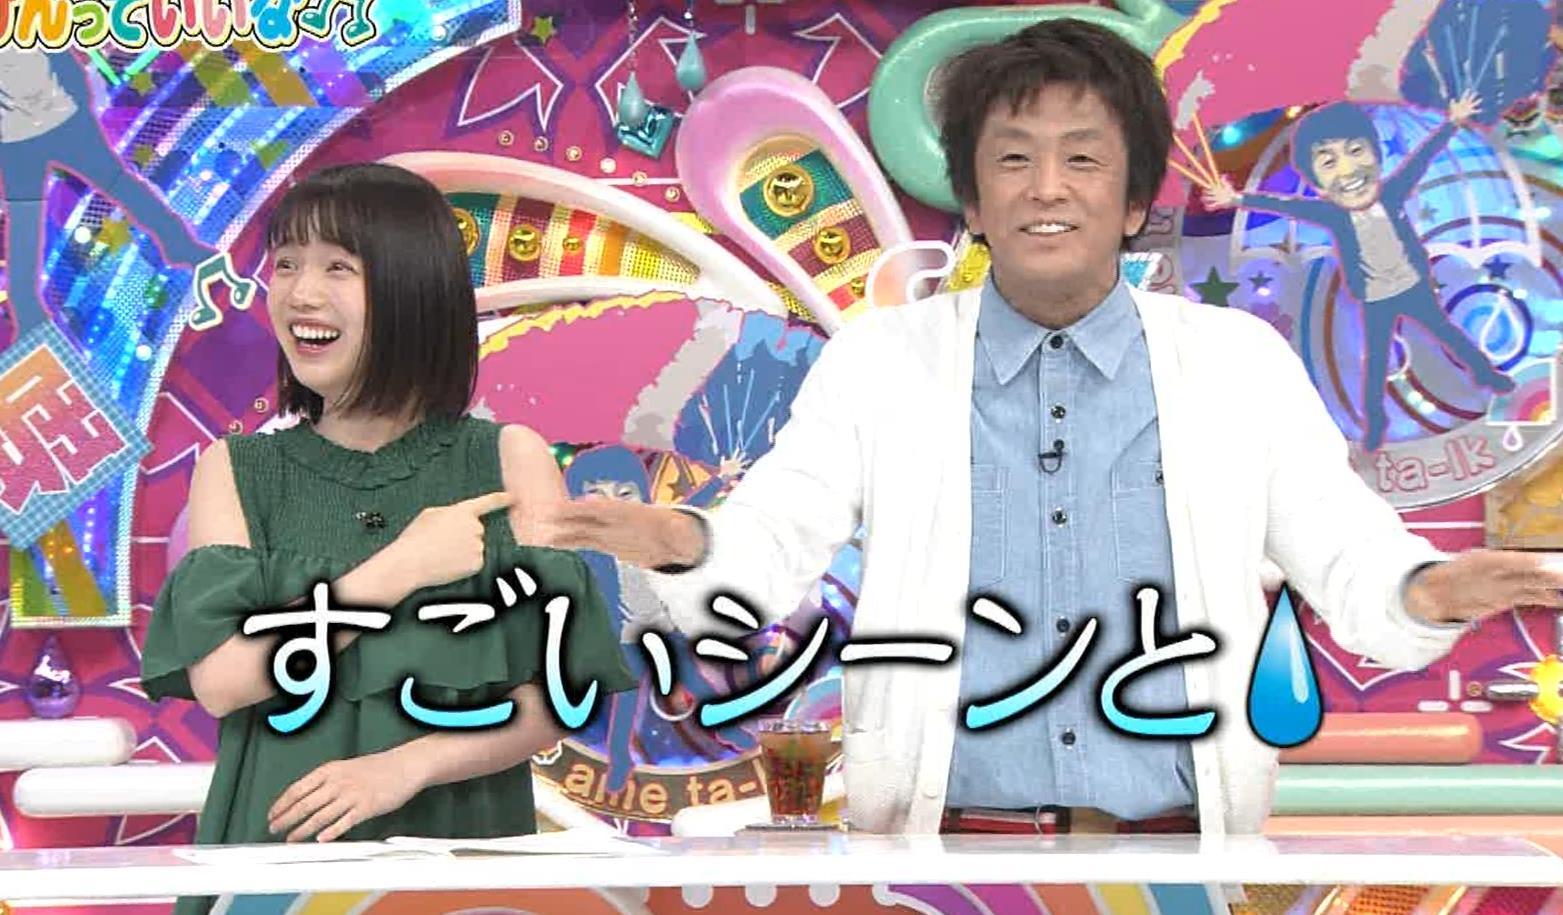 弘中綾香アナ ホリケンに露出した肩にキスされる(セクハラ)キャプ・エロ画像3